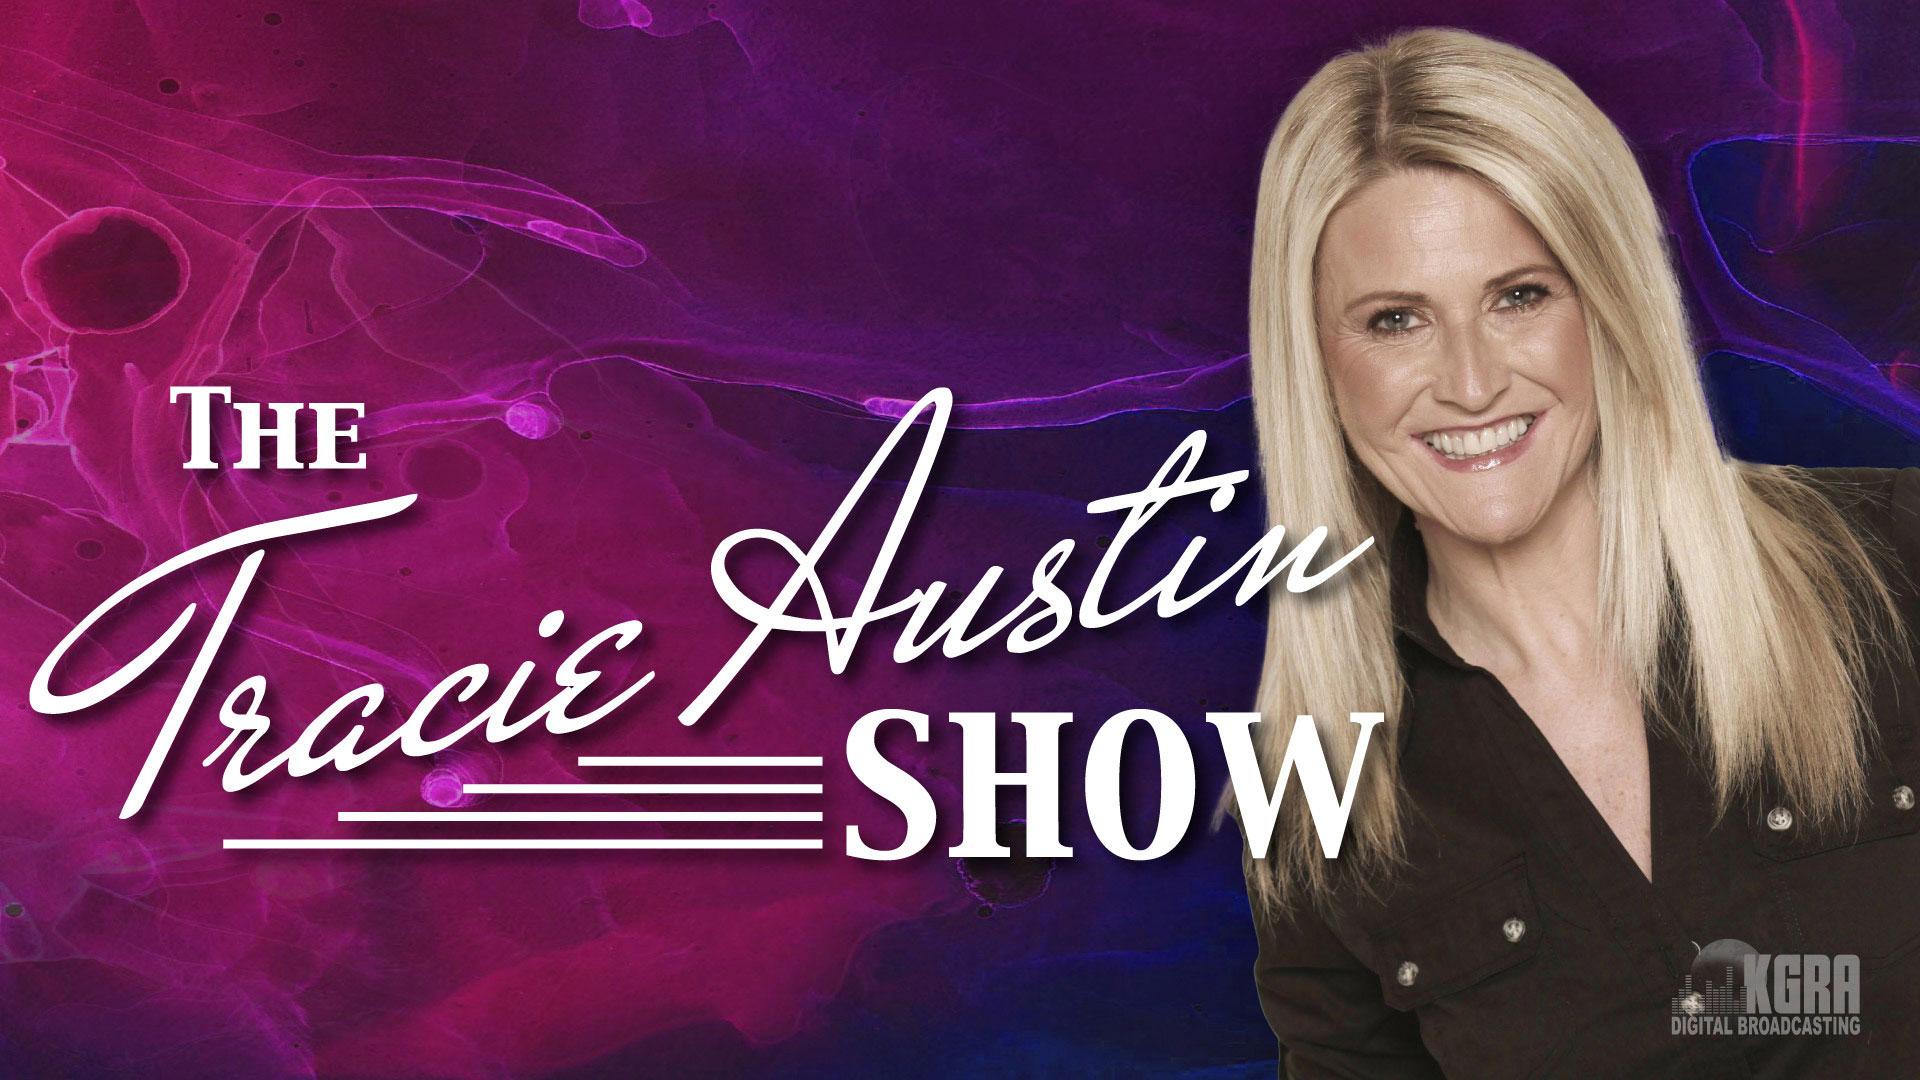 The Tracie Austin Show